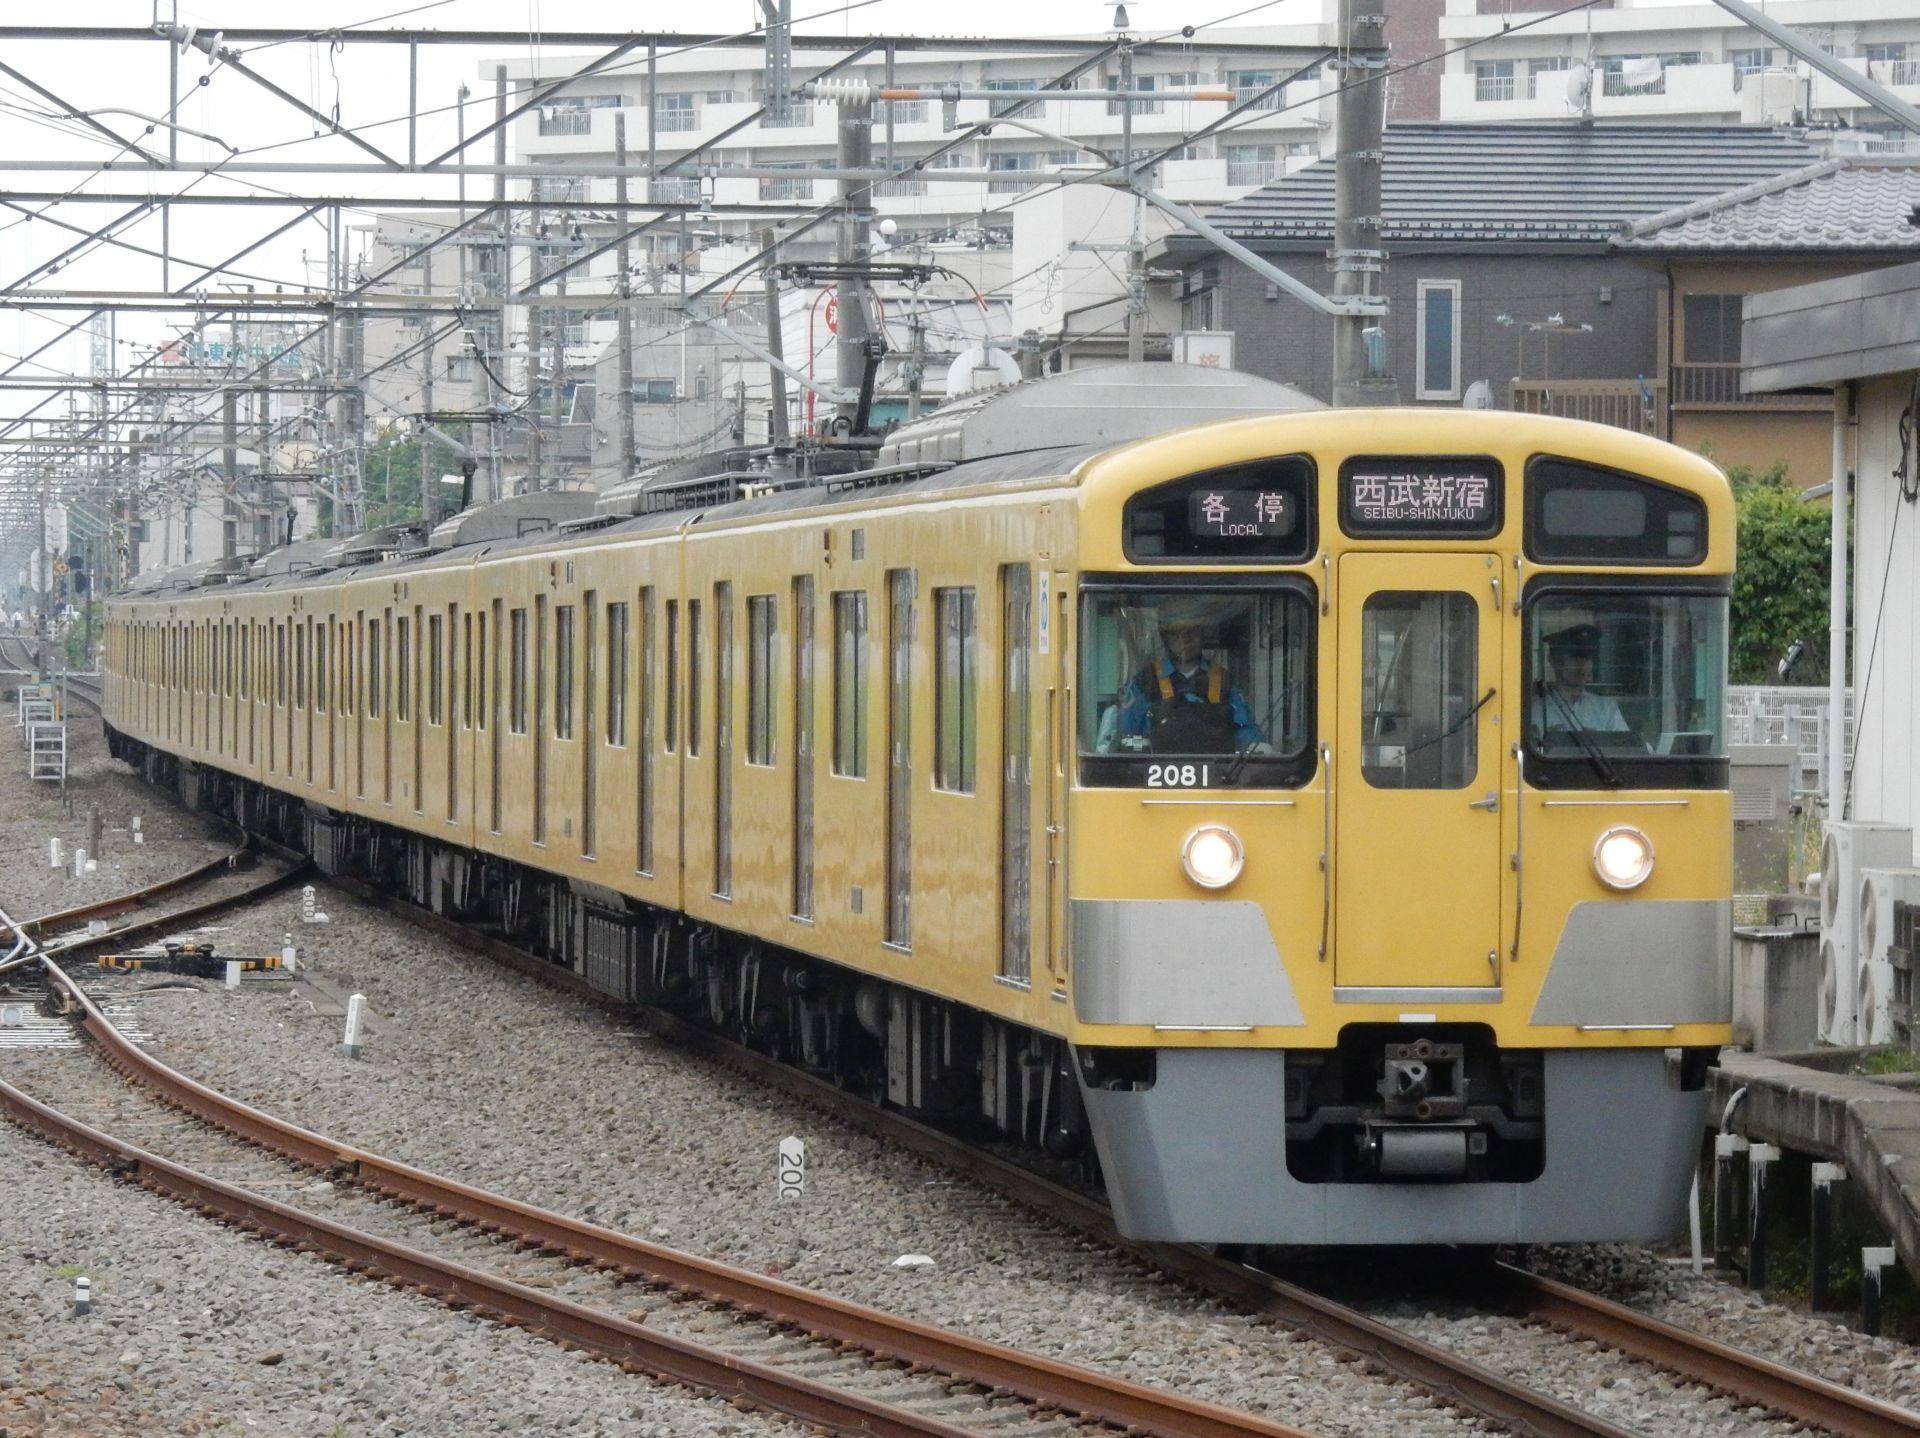 DSCN0026 - コピー